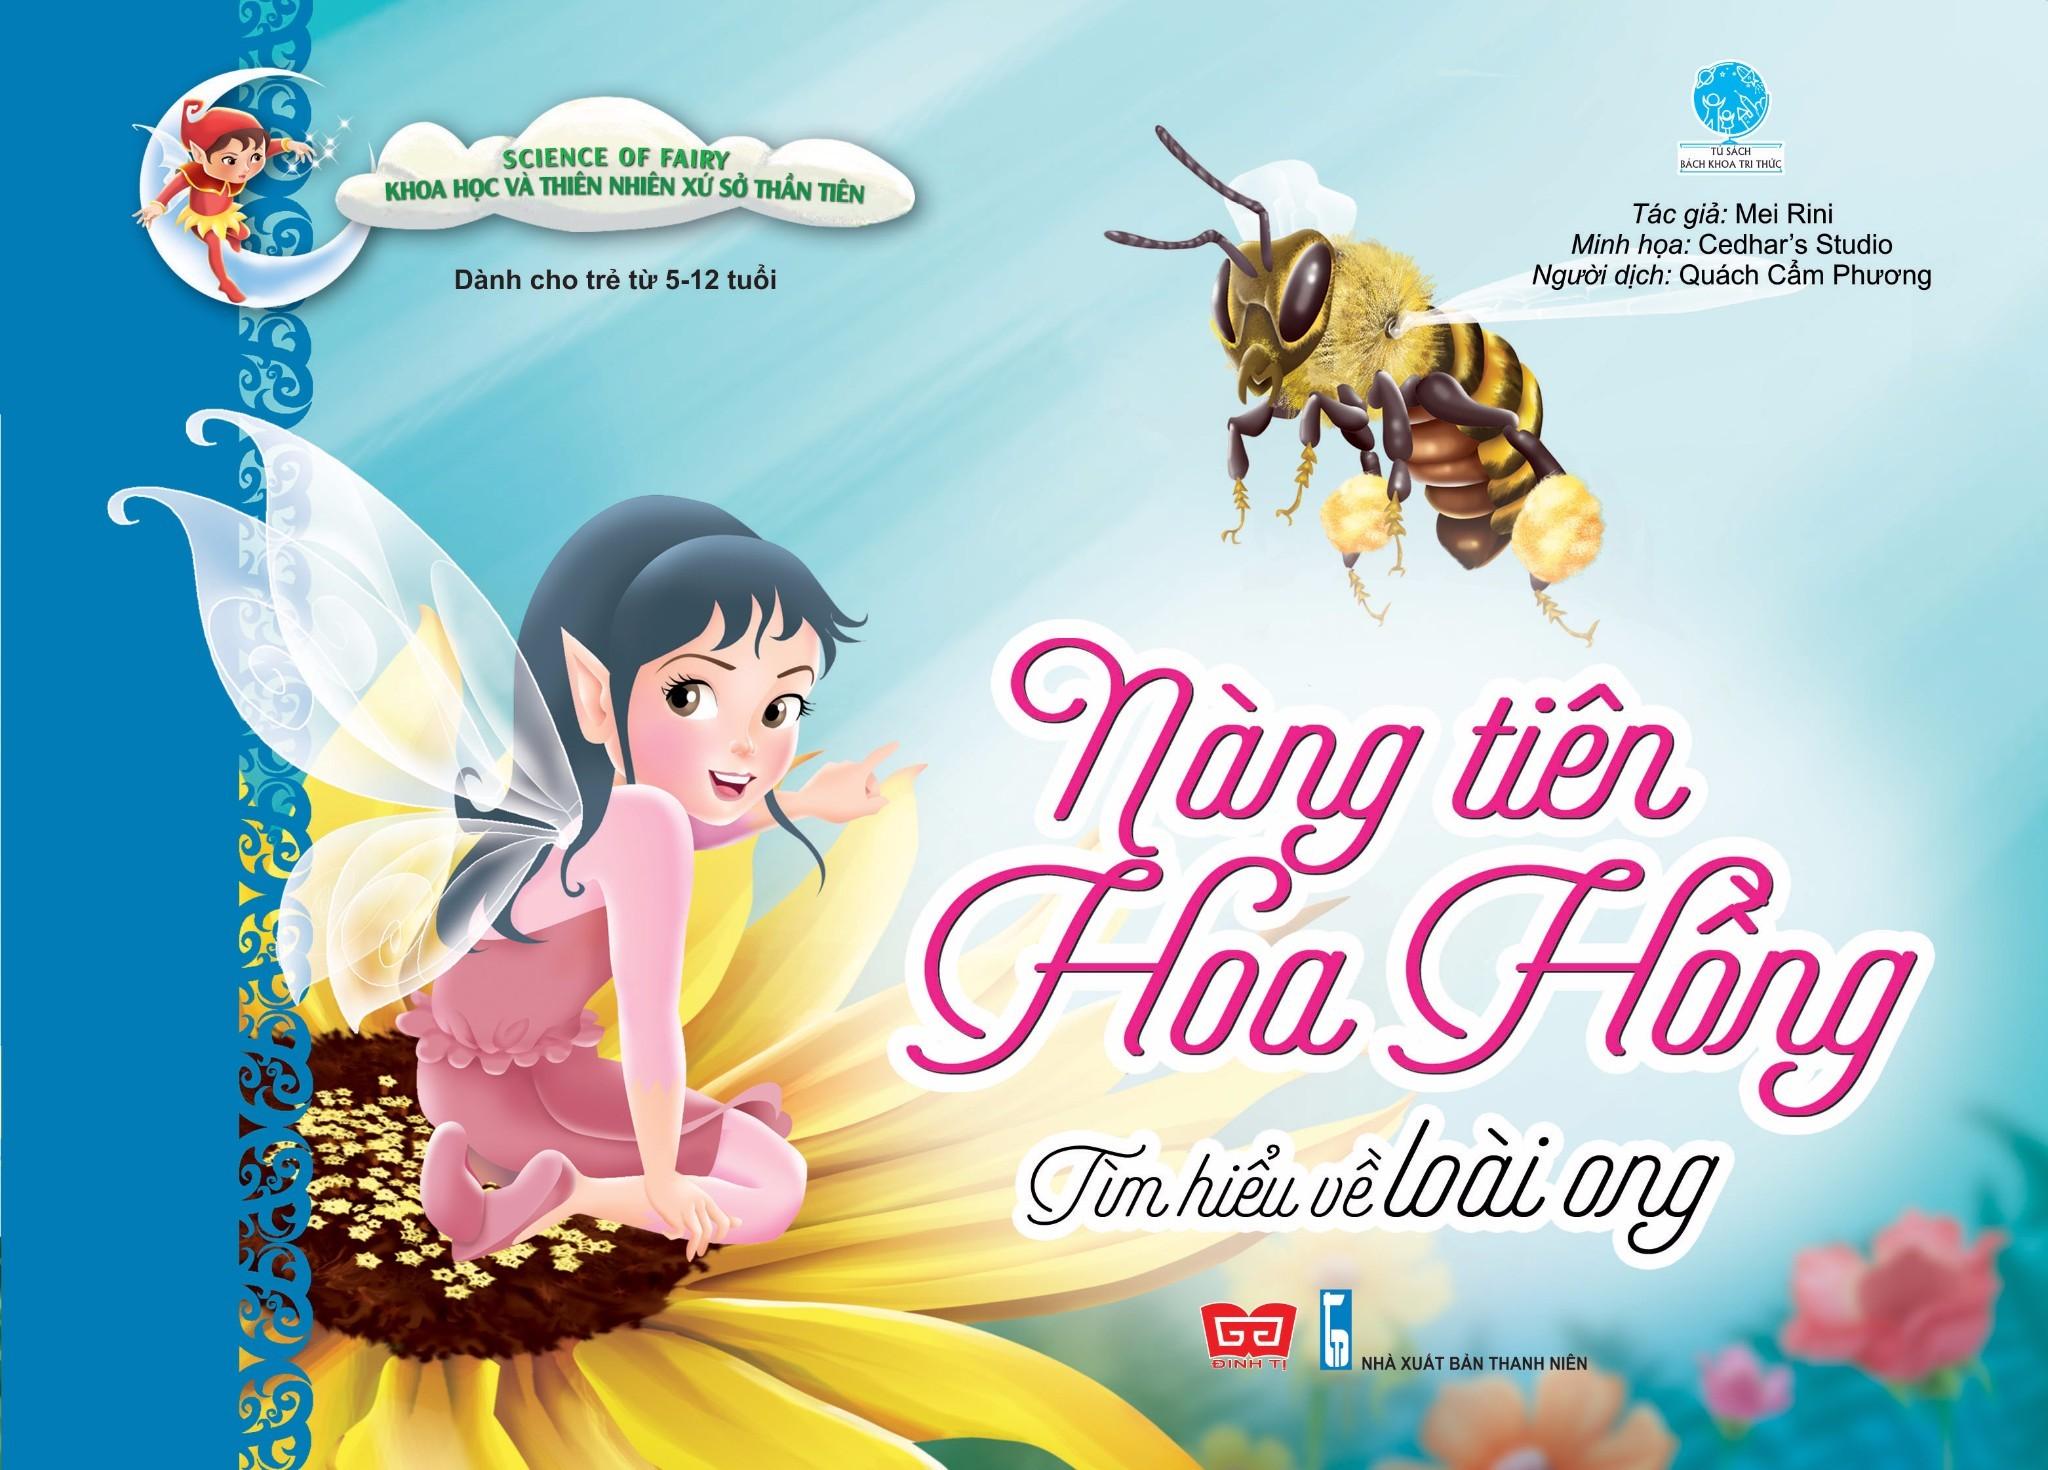 Science Of Fairy - Khoa Học Và Thiên Nhiên Xứ Sở Thần Tiên - Nàng Tiên Hoa Hồng - Tìm Hiểu Về Loài Ong